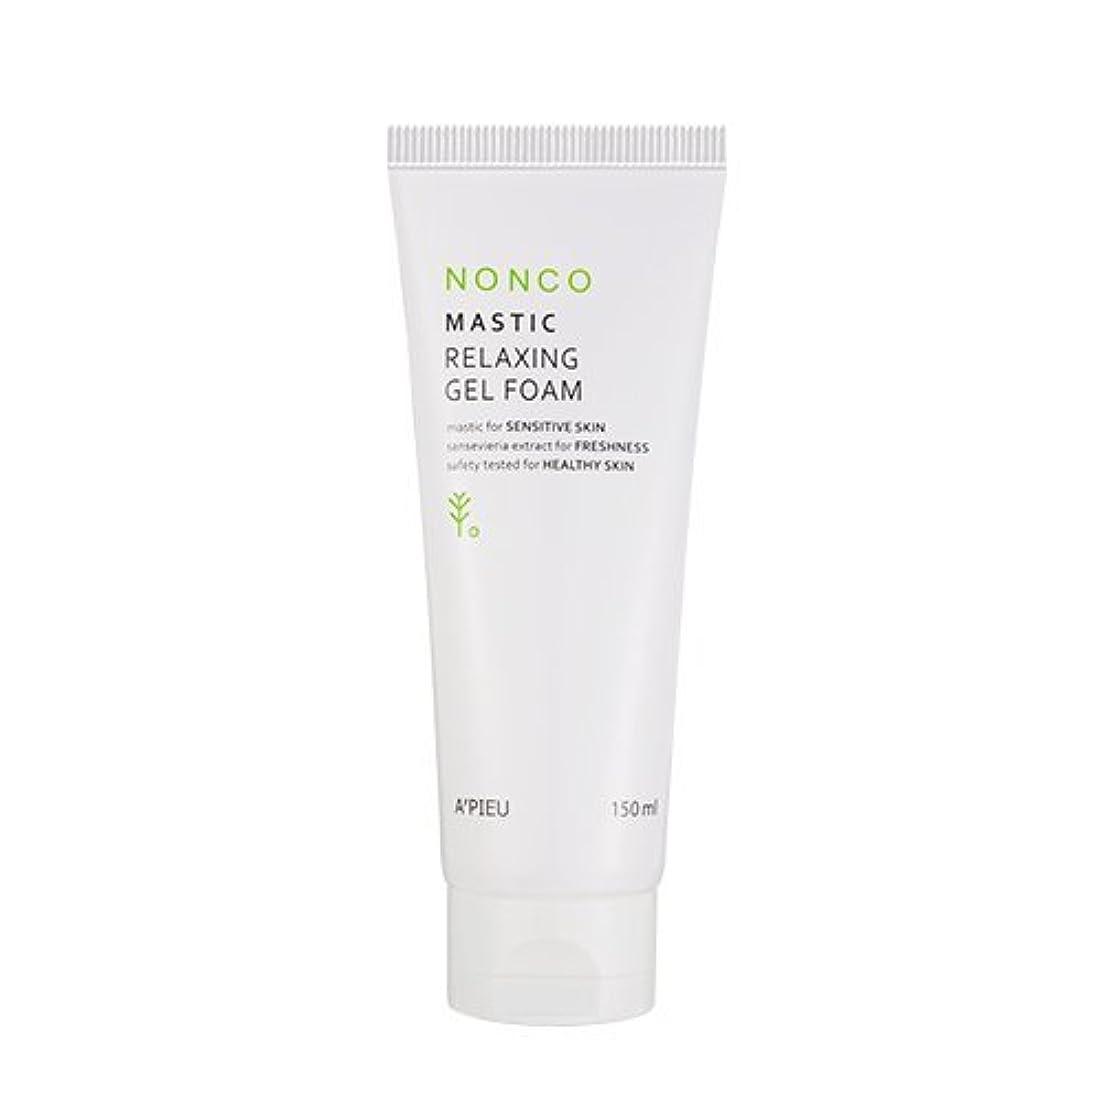 タンザニアパーフェルビッドファイナンスApieu NanCo Mastic Relaxing Gel Foam 150ml [アピュ/オピュ] NonCo マスチック弱酸性ゲルフォーム 150ml [並行輸入品]